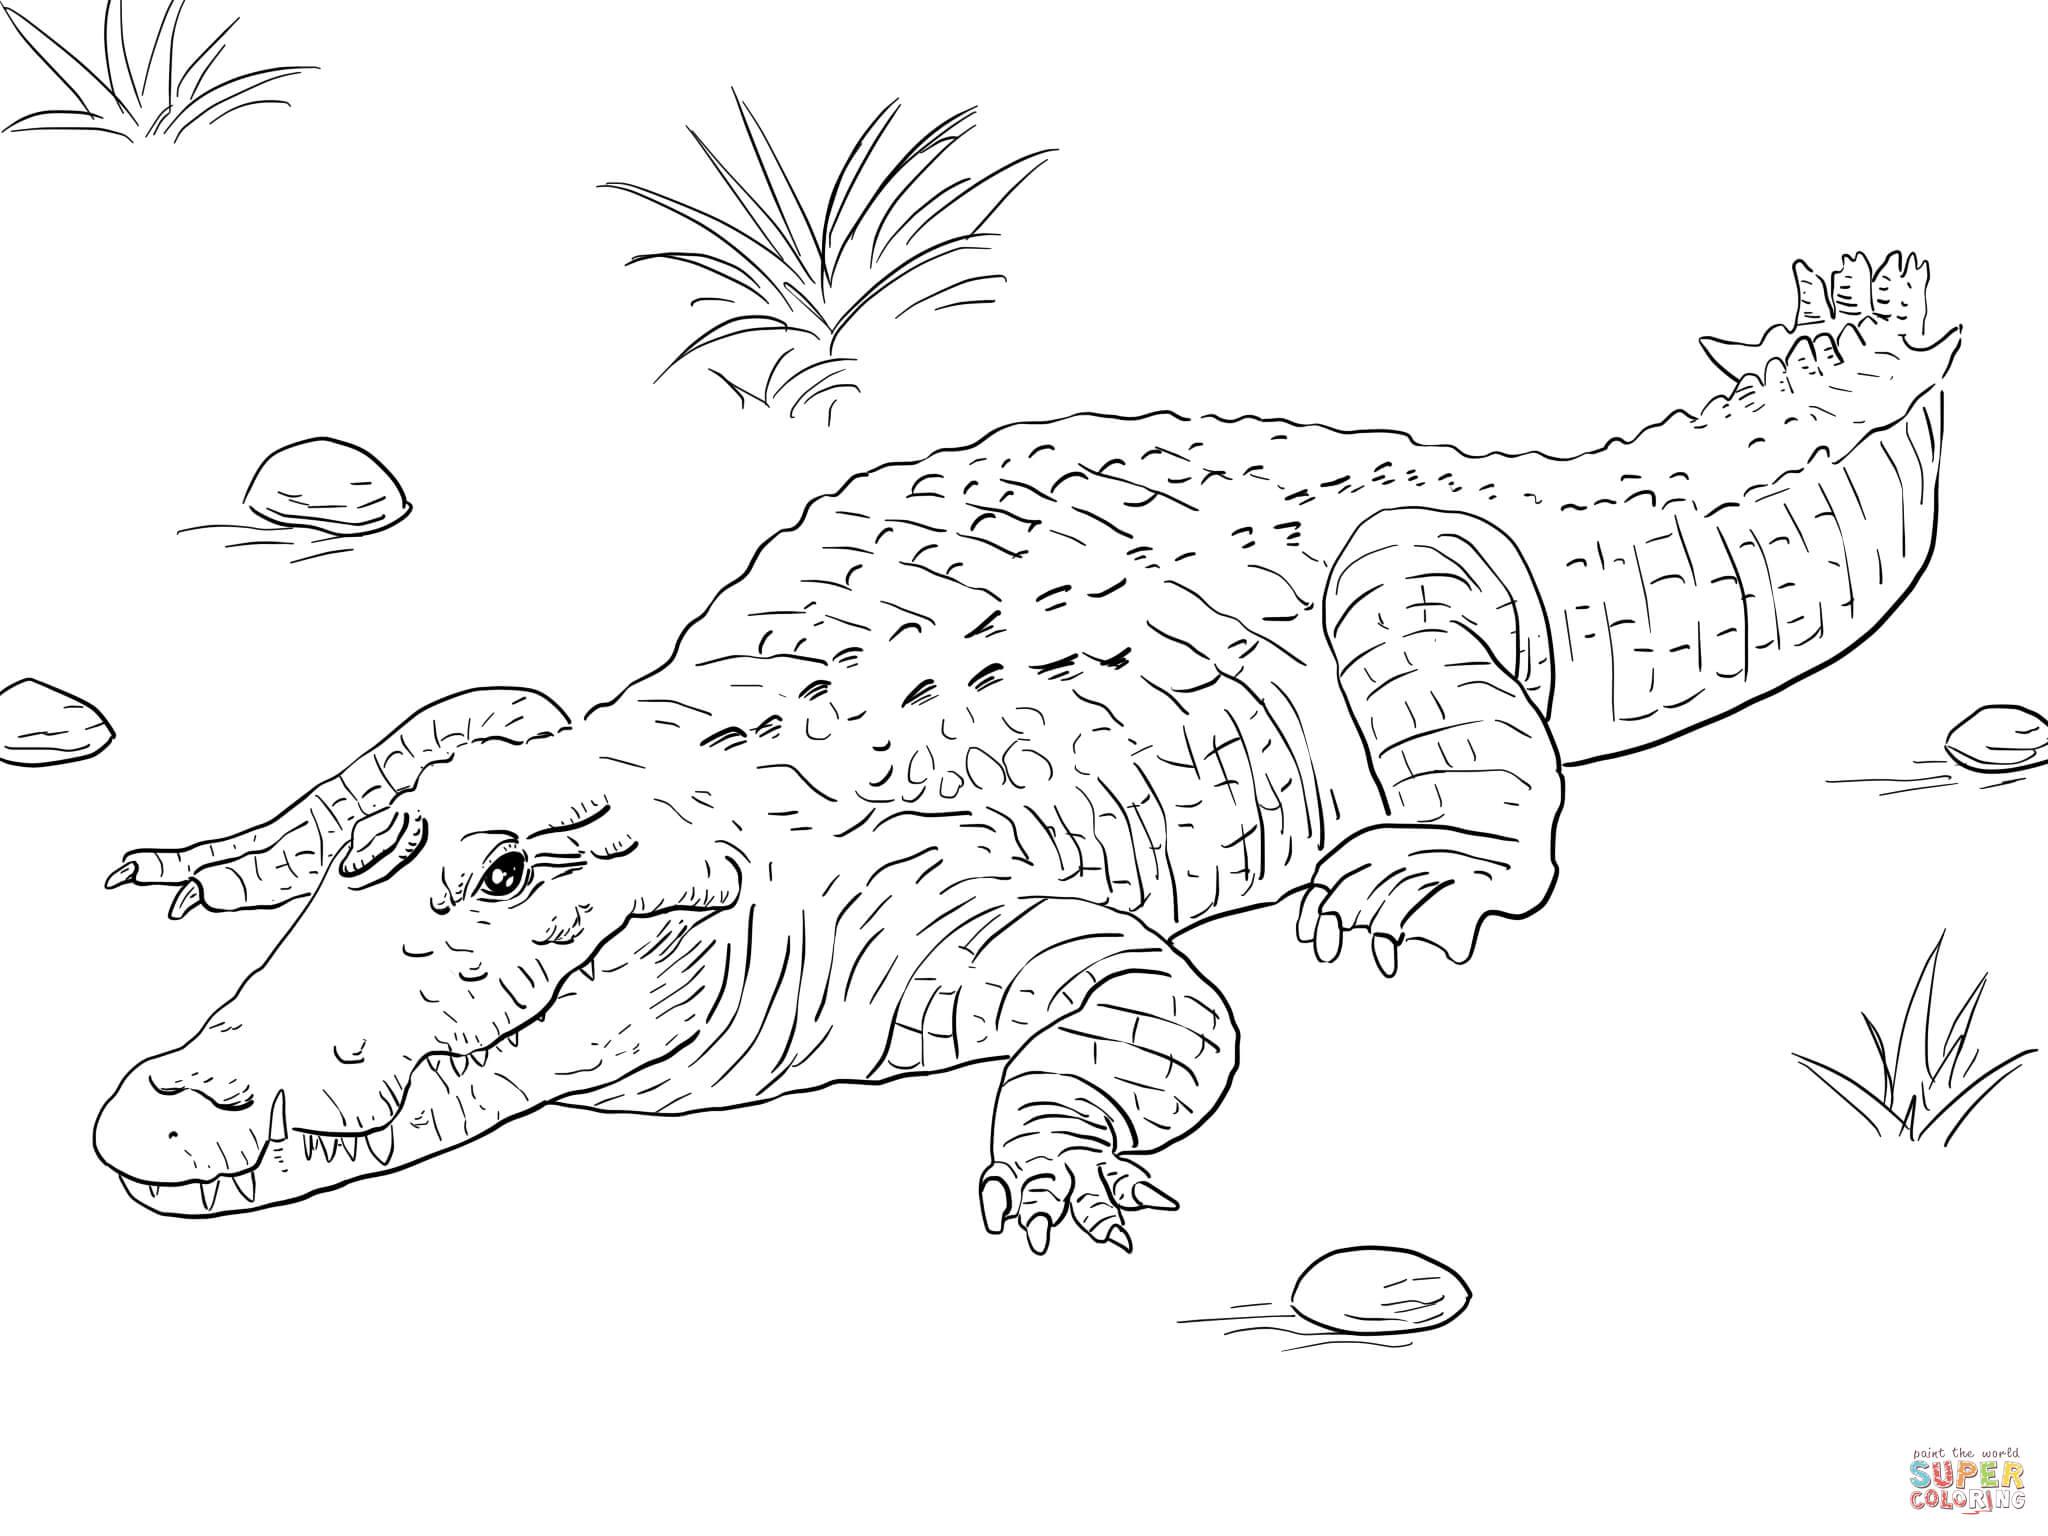 crocidile coloring pages for kids | 106 dibujos de Cocodrilos para colorear | Oh Kids | Page 4